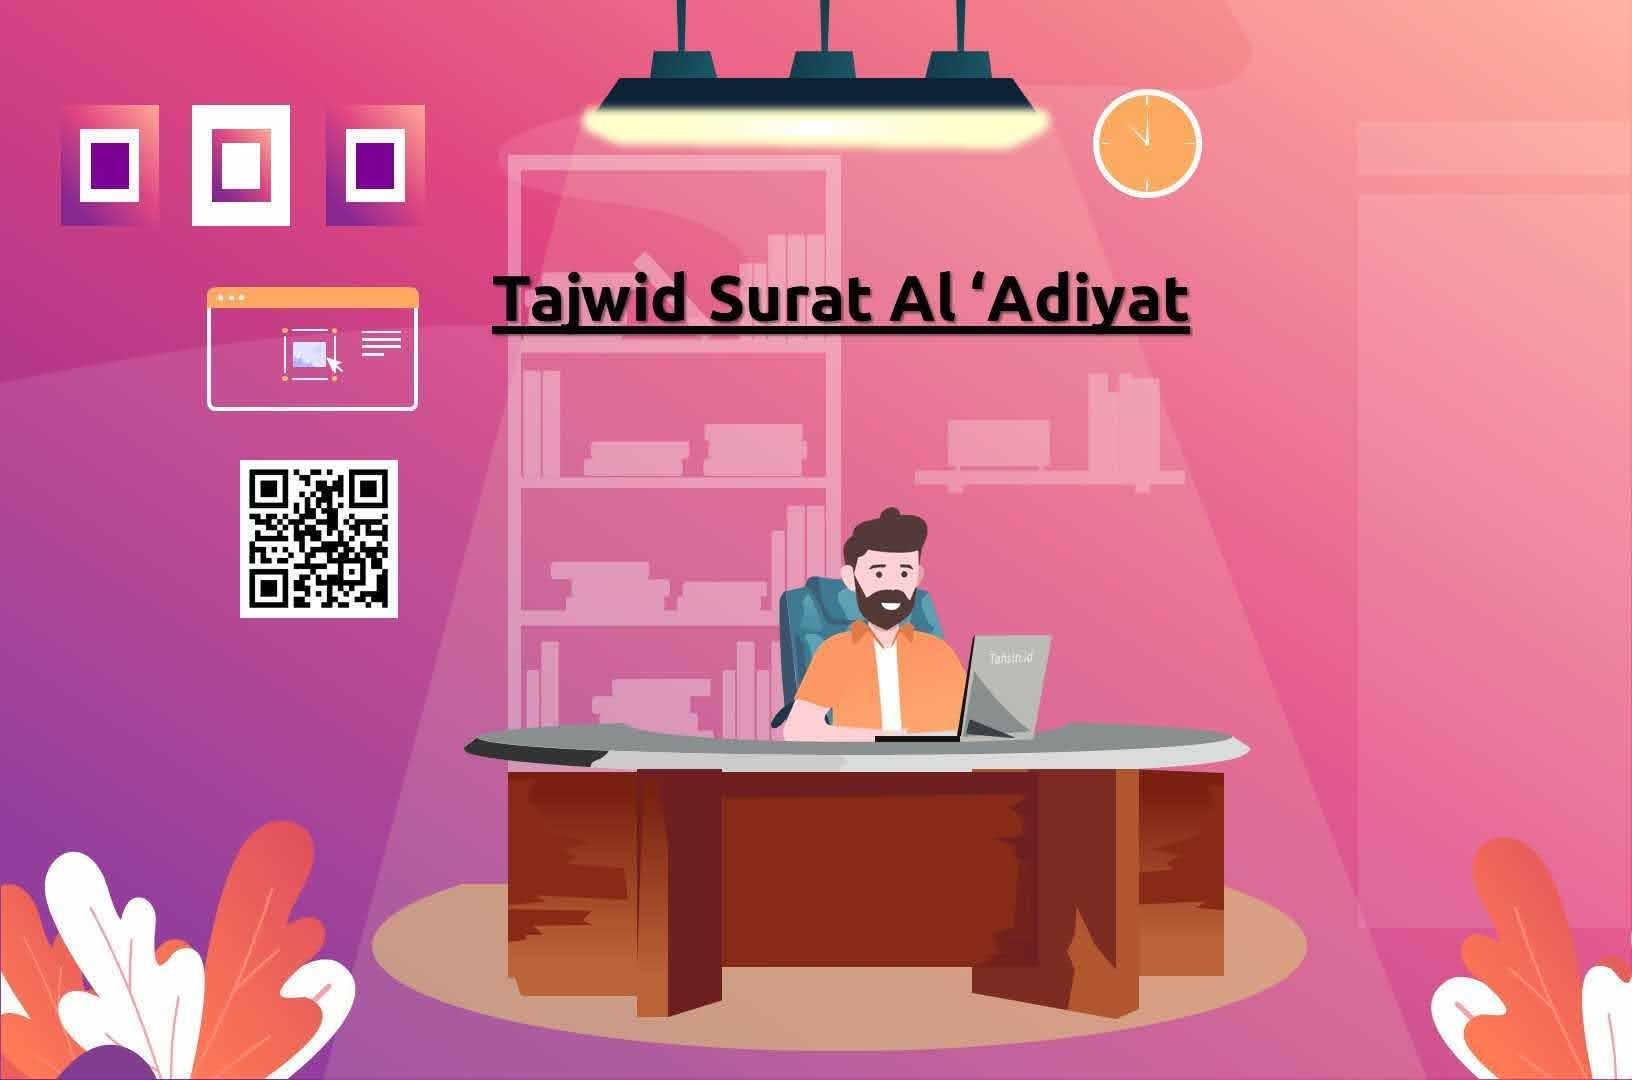 tajwid surat al 'adiyat